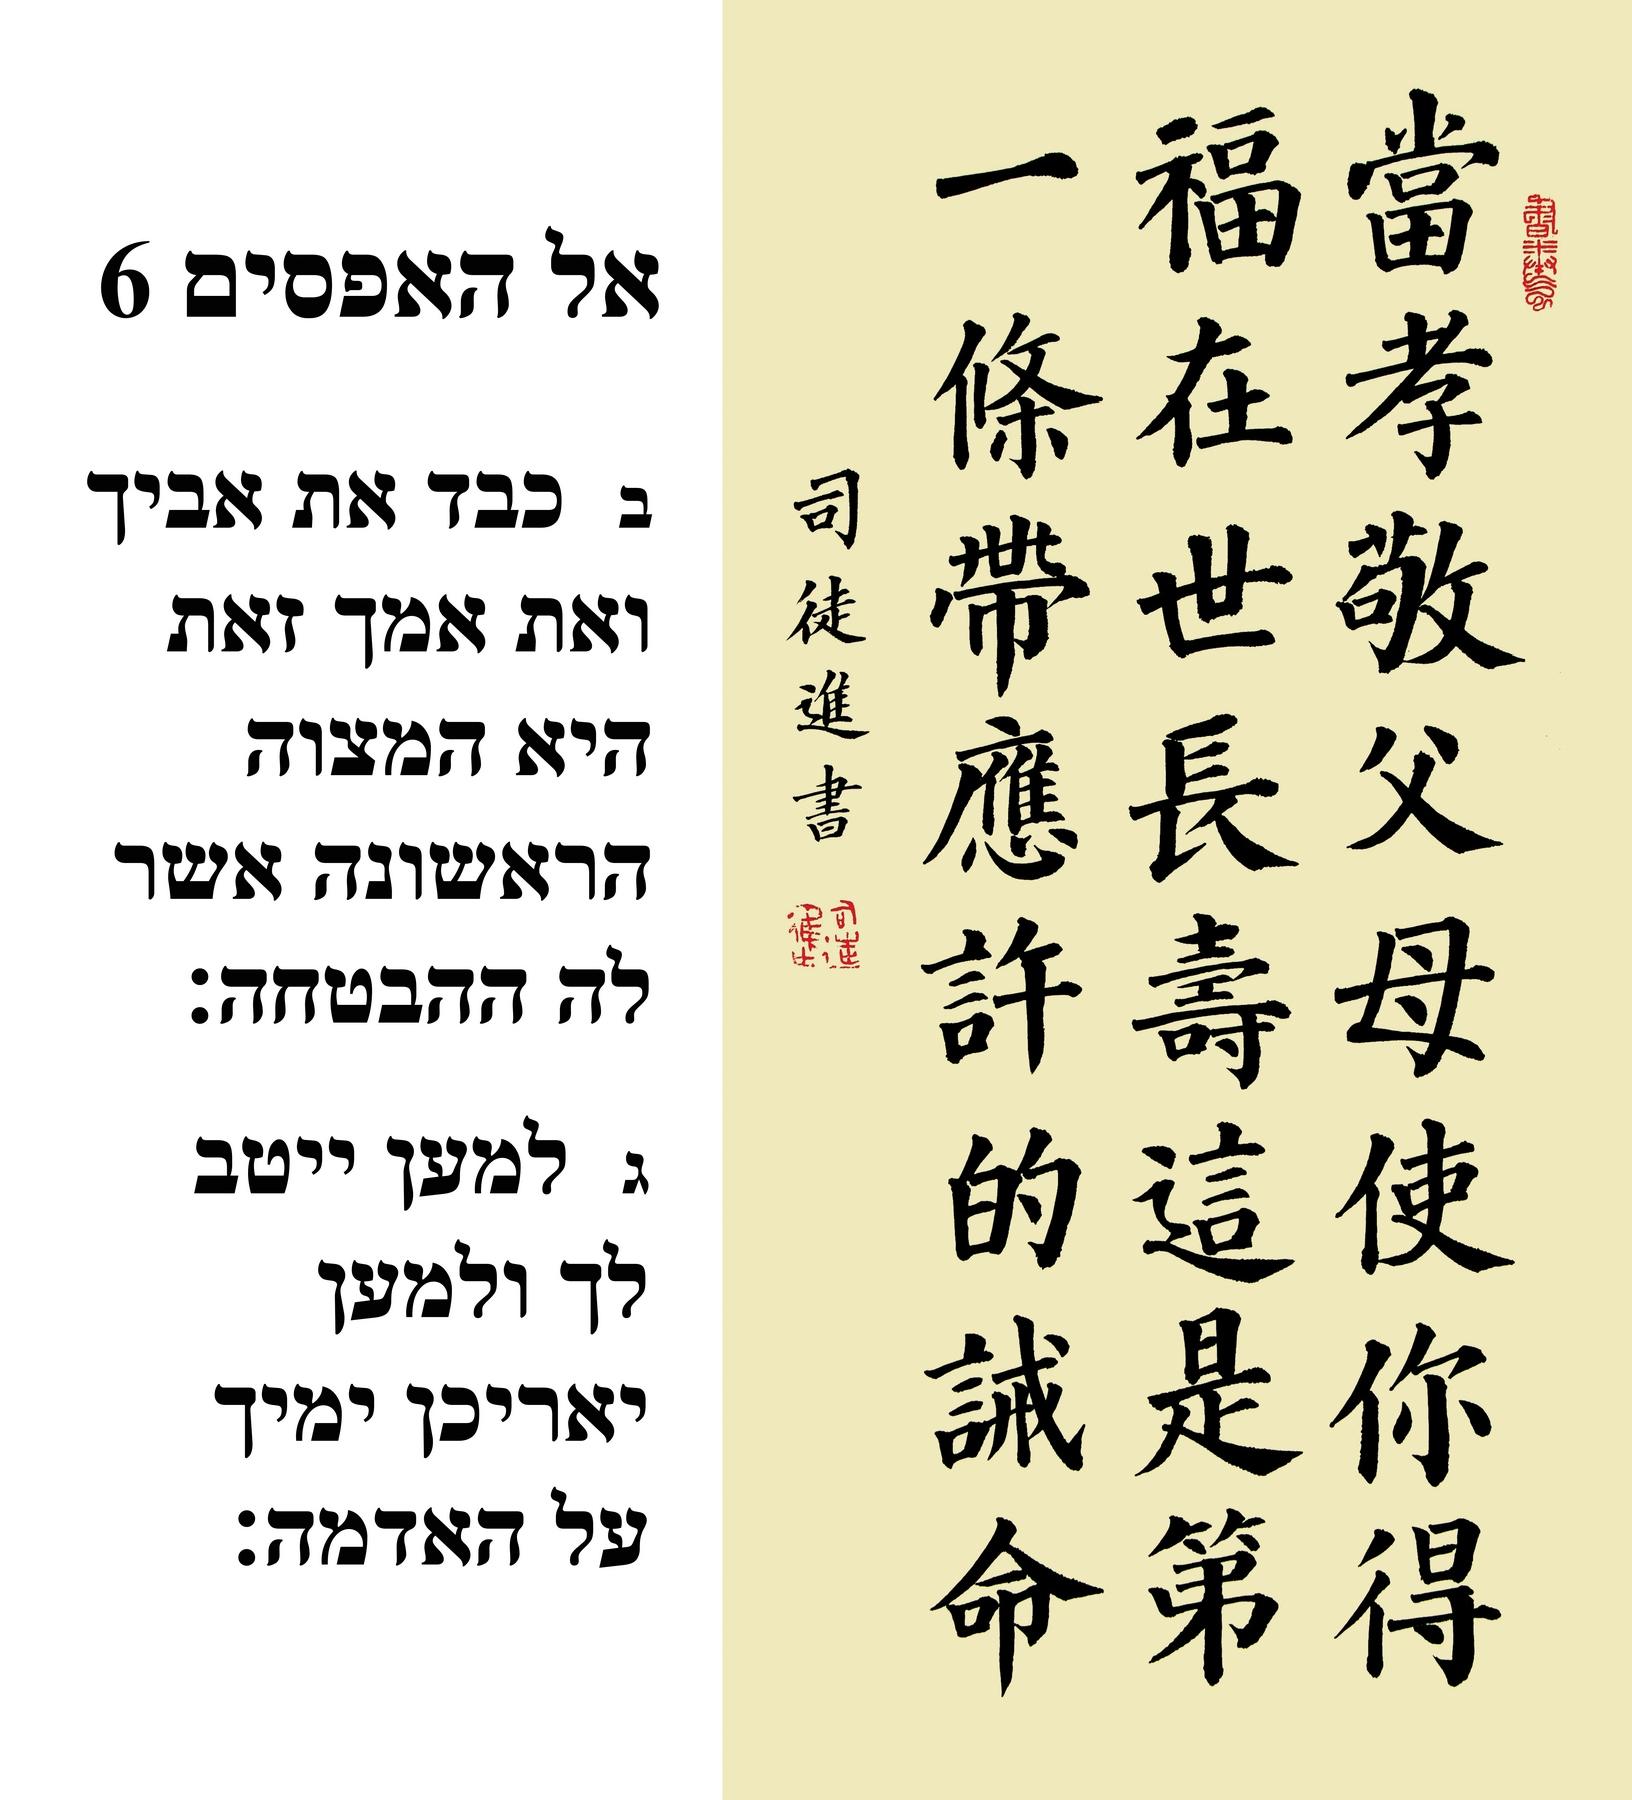 Hkbcc Junior High School Division Maha: hebrew calligraphy art